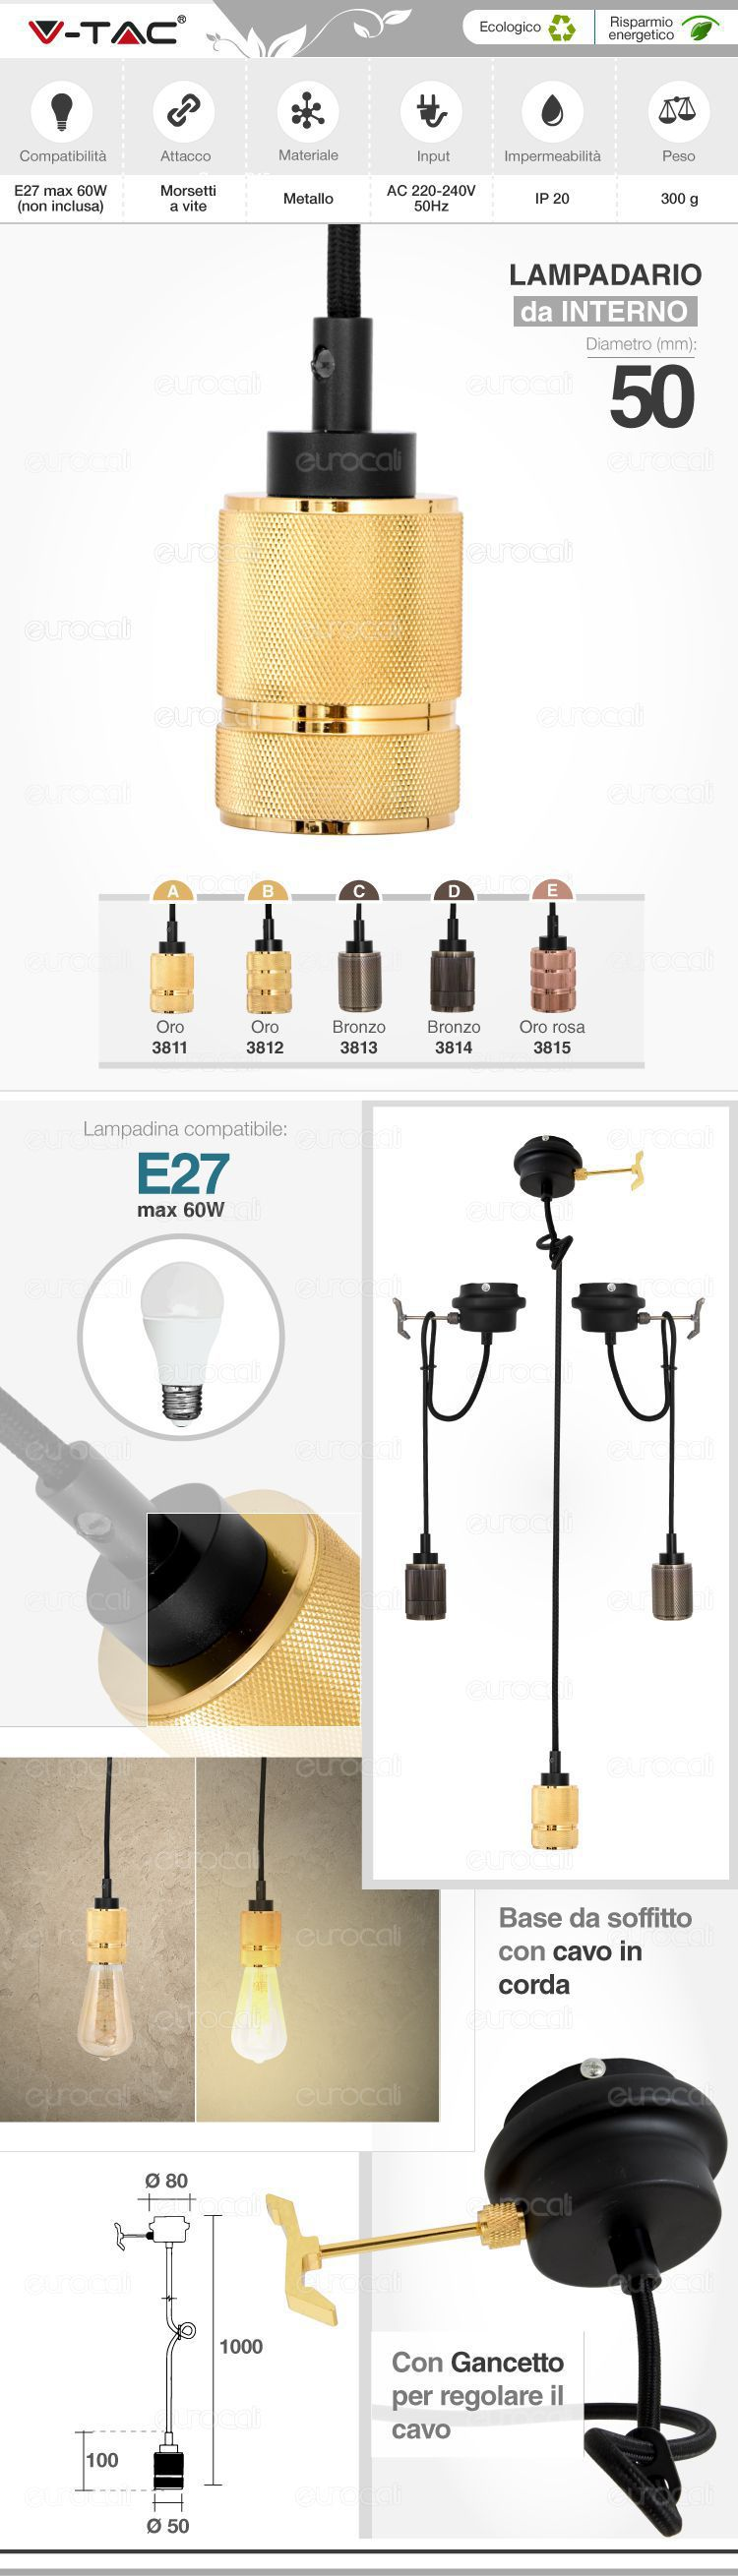 Porta lampada lampadario v-tac